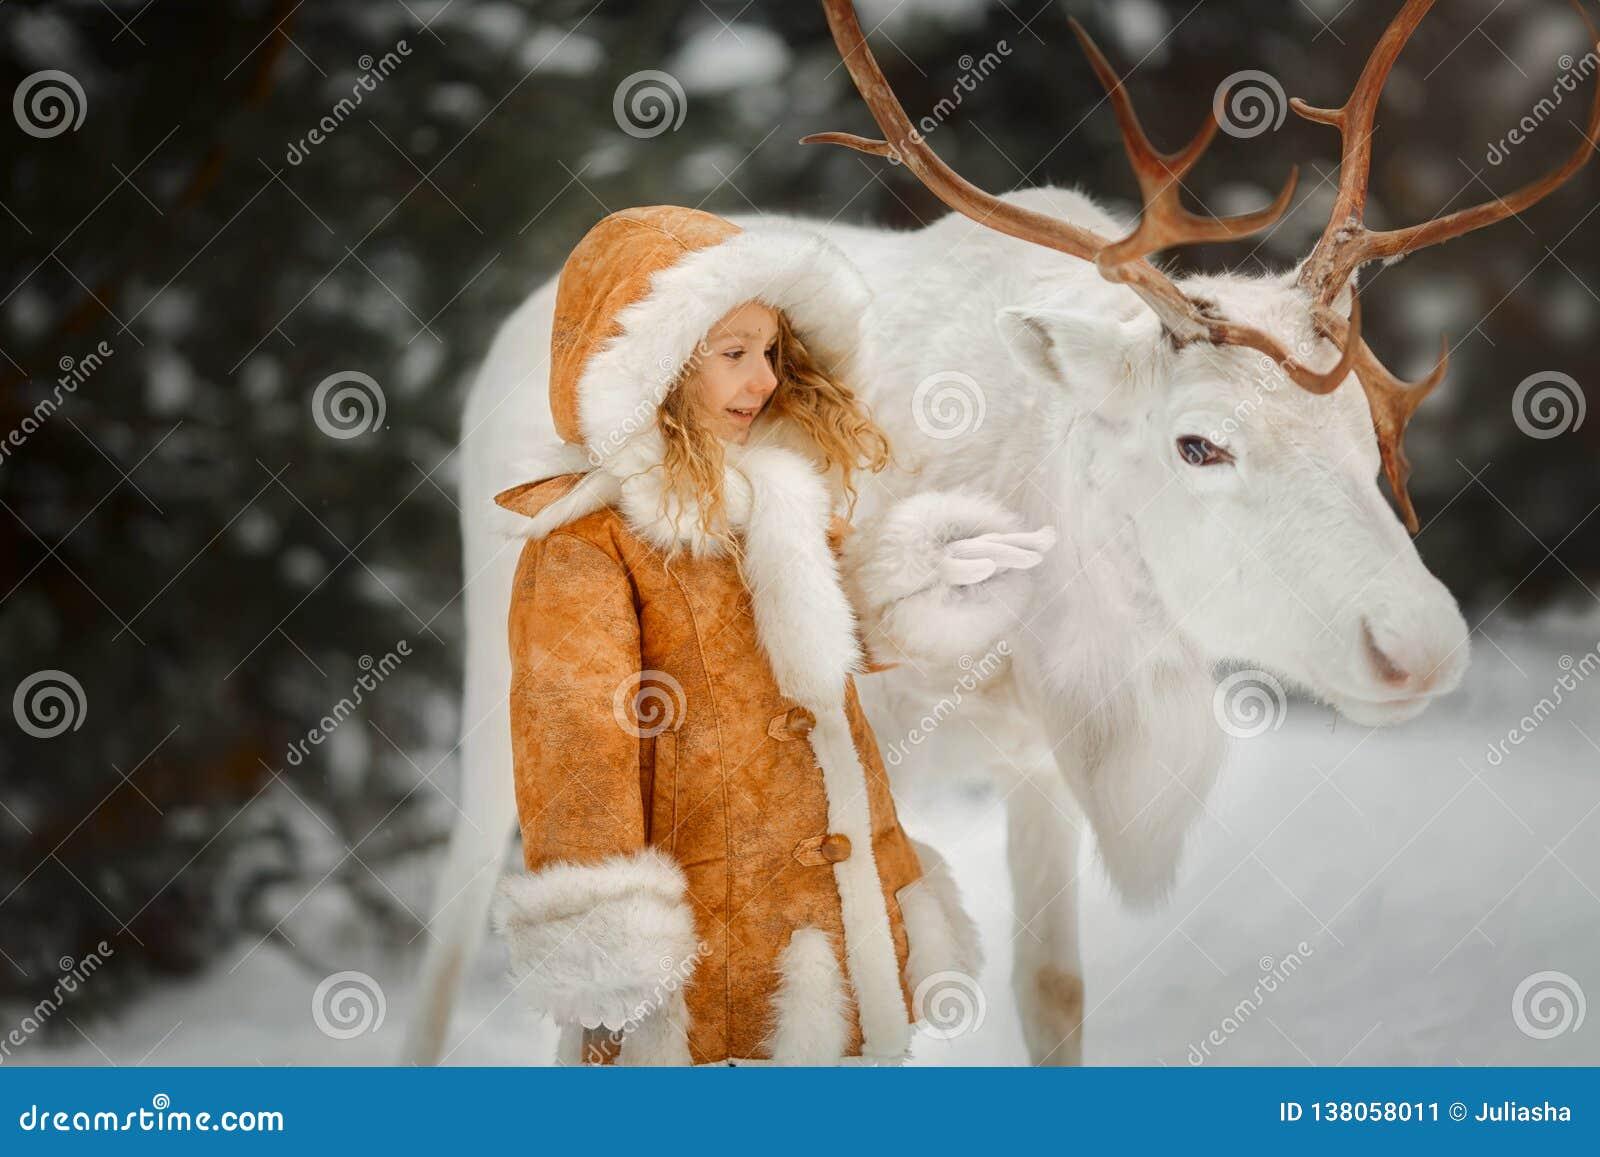 Porträt des schönen kleinen Mädchens im Pelzmantel am Winterwald